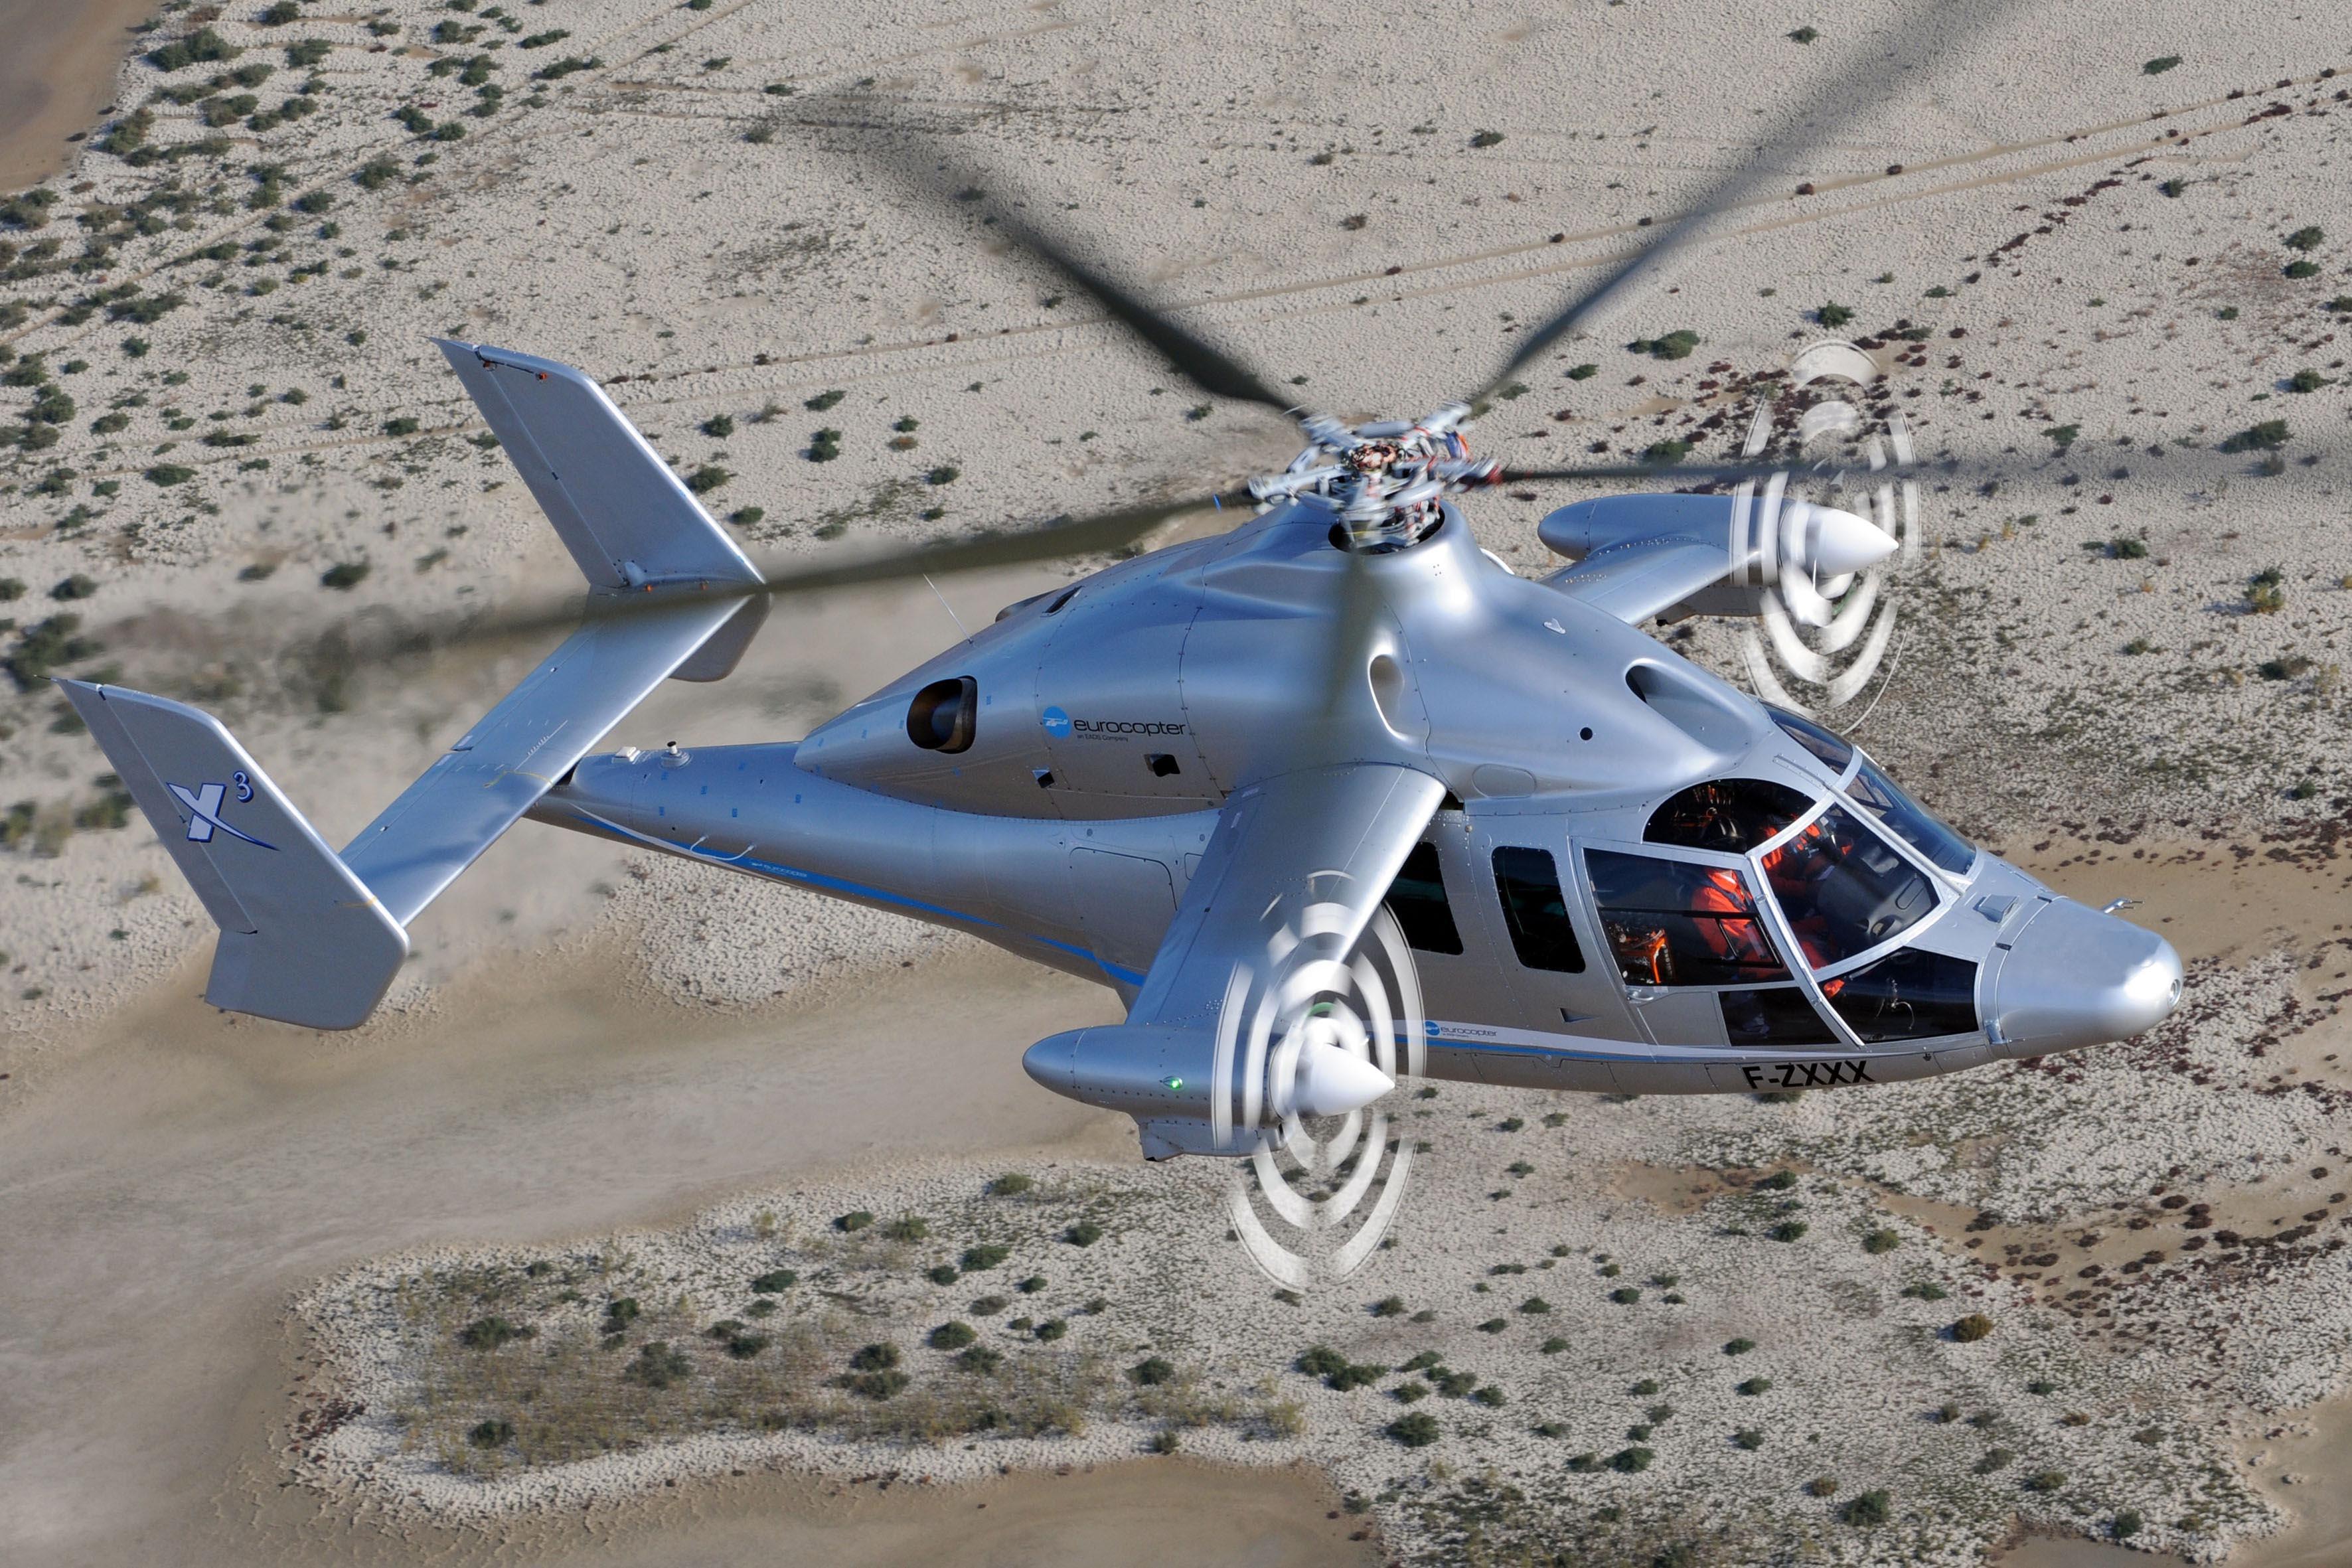 http://tekku.ru/wp-content/uploads/2011/06/Eurocopter_X3_02.jpg